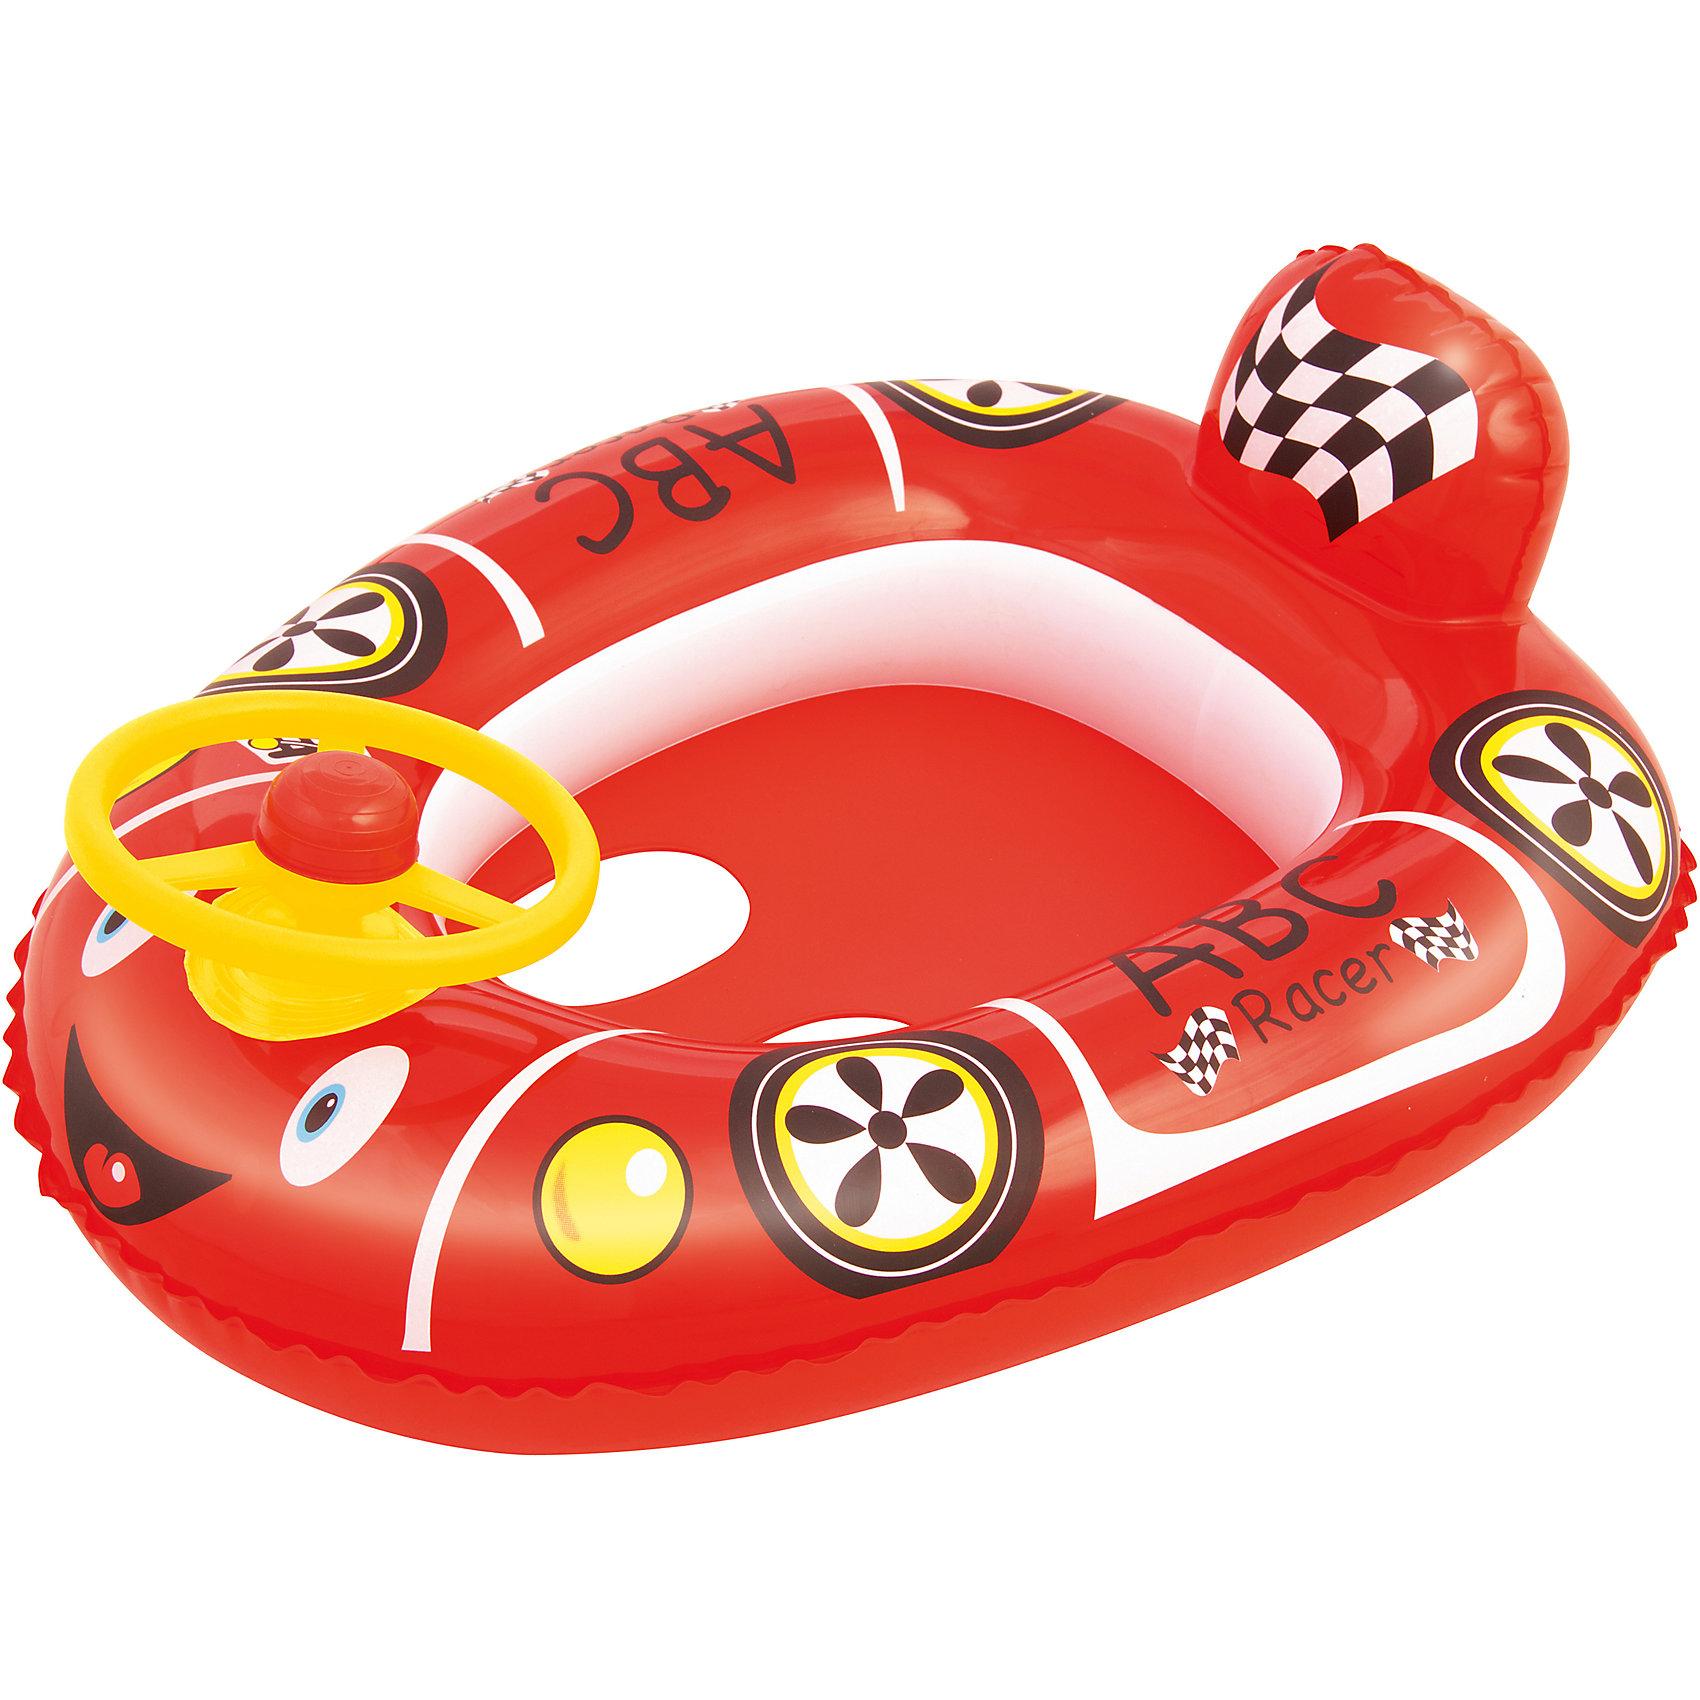 Круг для плавания с сиденьем Автомобиль, Bestway, красныйКруги и нарукавники<br>Круг для плавания с сиденьем Автомобиль, Bestway (Бествей), красный<br><br>Характеристики:<br><br>• надежный круг в виде машинки<br>• отверстия для ног<br>• руль с передней стороны<br>• материал: ПВХ<br>• размер: 71х56 см<br>• вес: 372 грамма<br>• цвет: красный<br><br>Надувной круг пригодится малышам, обучающимся плаванию. Круг обеспечит безопасность ребенка во время нахождения в воде. Он выполнен из прочного ПВХ. Привлекательный дизайн в виде машинки порадует детей и взрослых. Сзади расположен спойлер, а спереди- руль. Круг имеет отверстия для ног, чтобы ребенок мог чувствовать себя комфортно.<br><br>Круг для плавания с сиденьем Автомобиль, Bestway (Бествей),красный вы можете купить в нашем интернет-магазине.<br><br>Ширина мм: 480<br>Глубина мм: 220<br>Высота мм: 415<br>Вес г: 372<br>Возраст от месяцев: 12<br>Возраст до месяцев: 24<br>Пол: Мужской<br>Возраст: Детский<br>SKU: 5487001